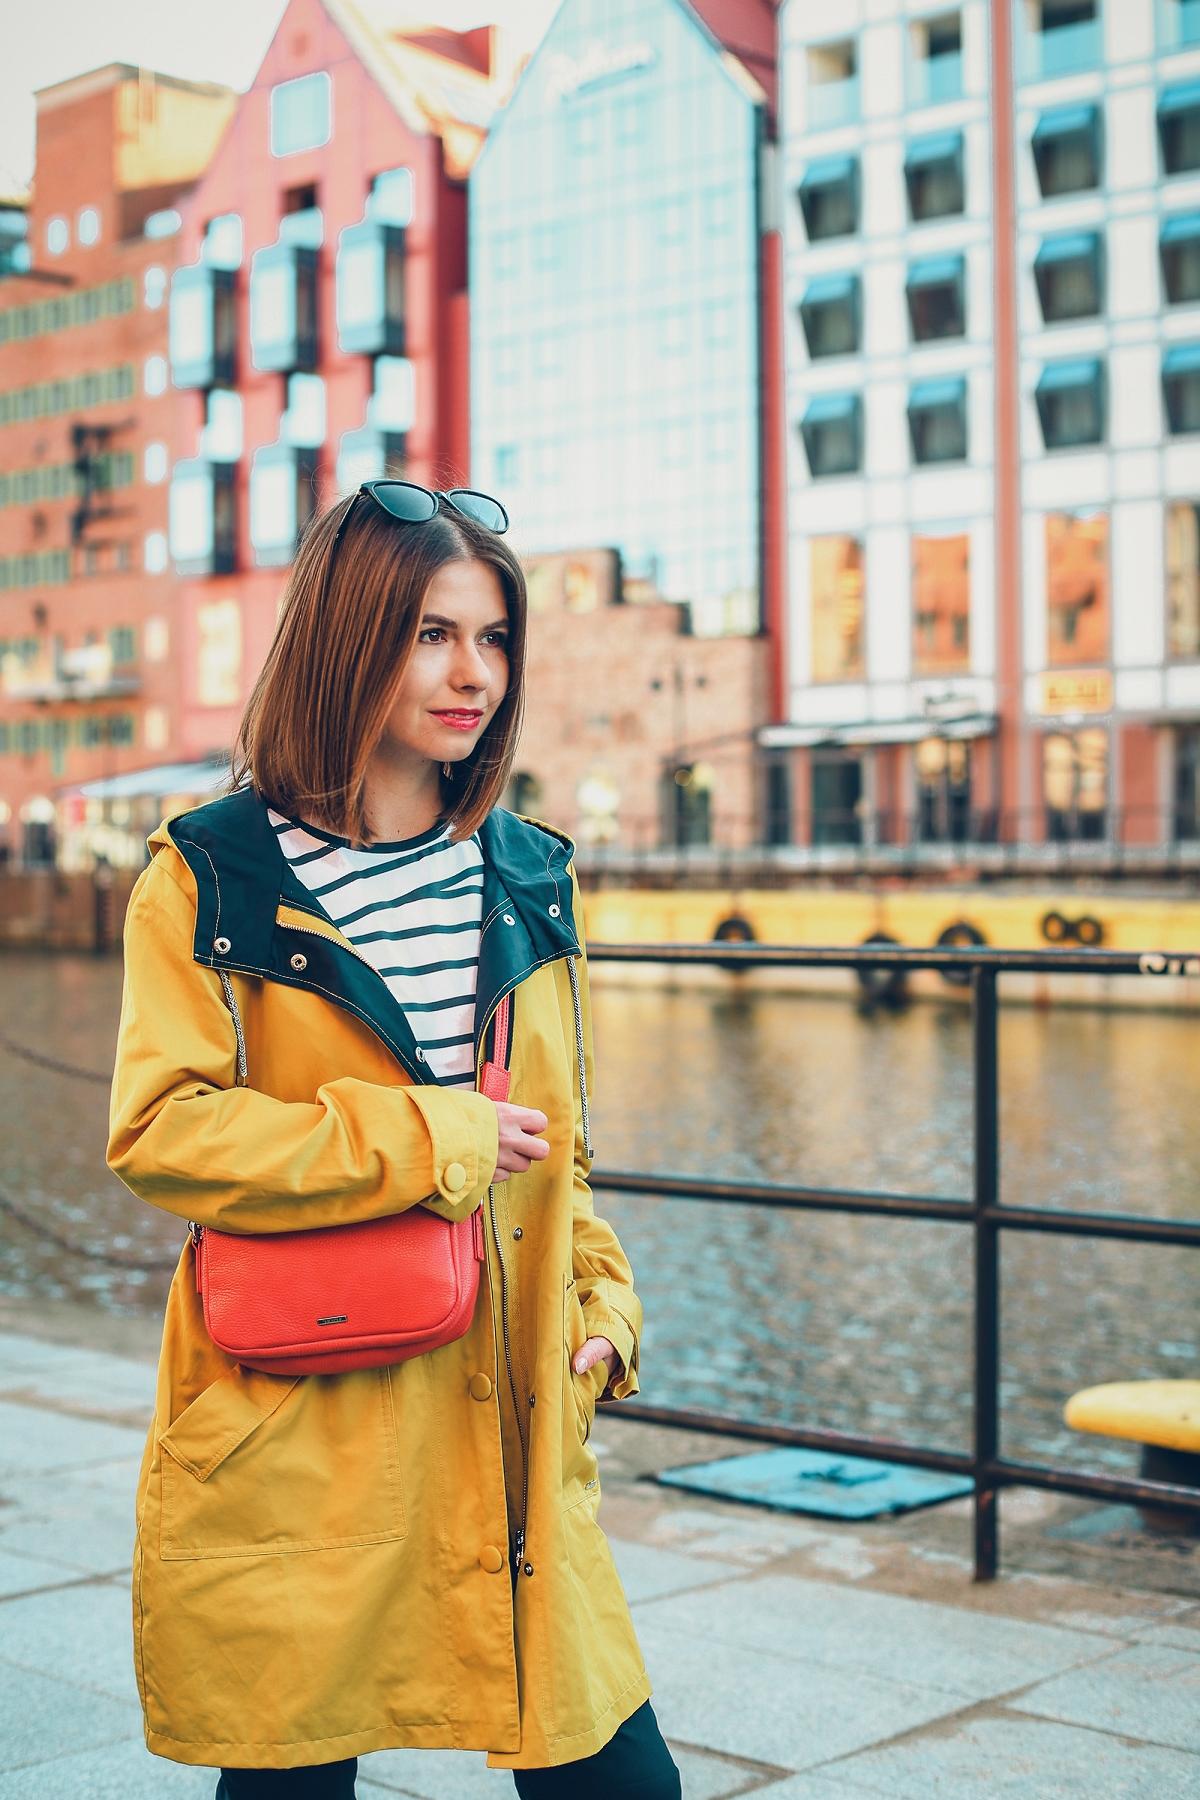 żółty sztormiak przeciwdeszczowa kurtka czerwona torebka stylizacja marynarska